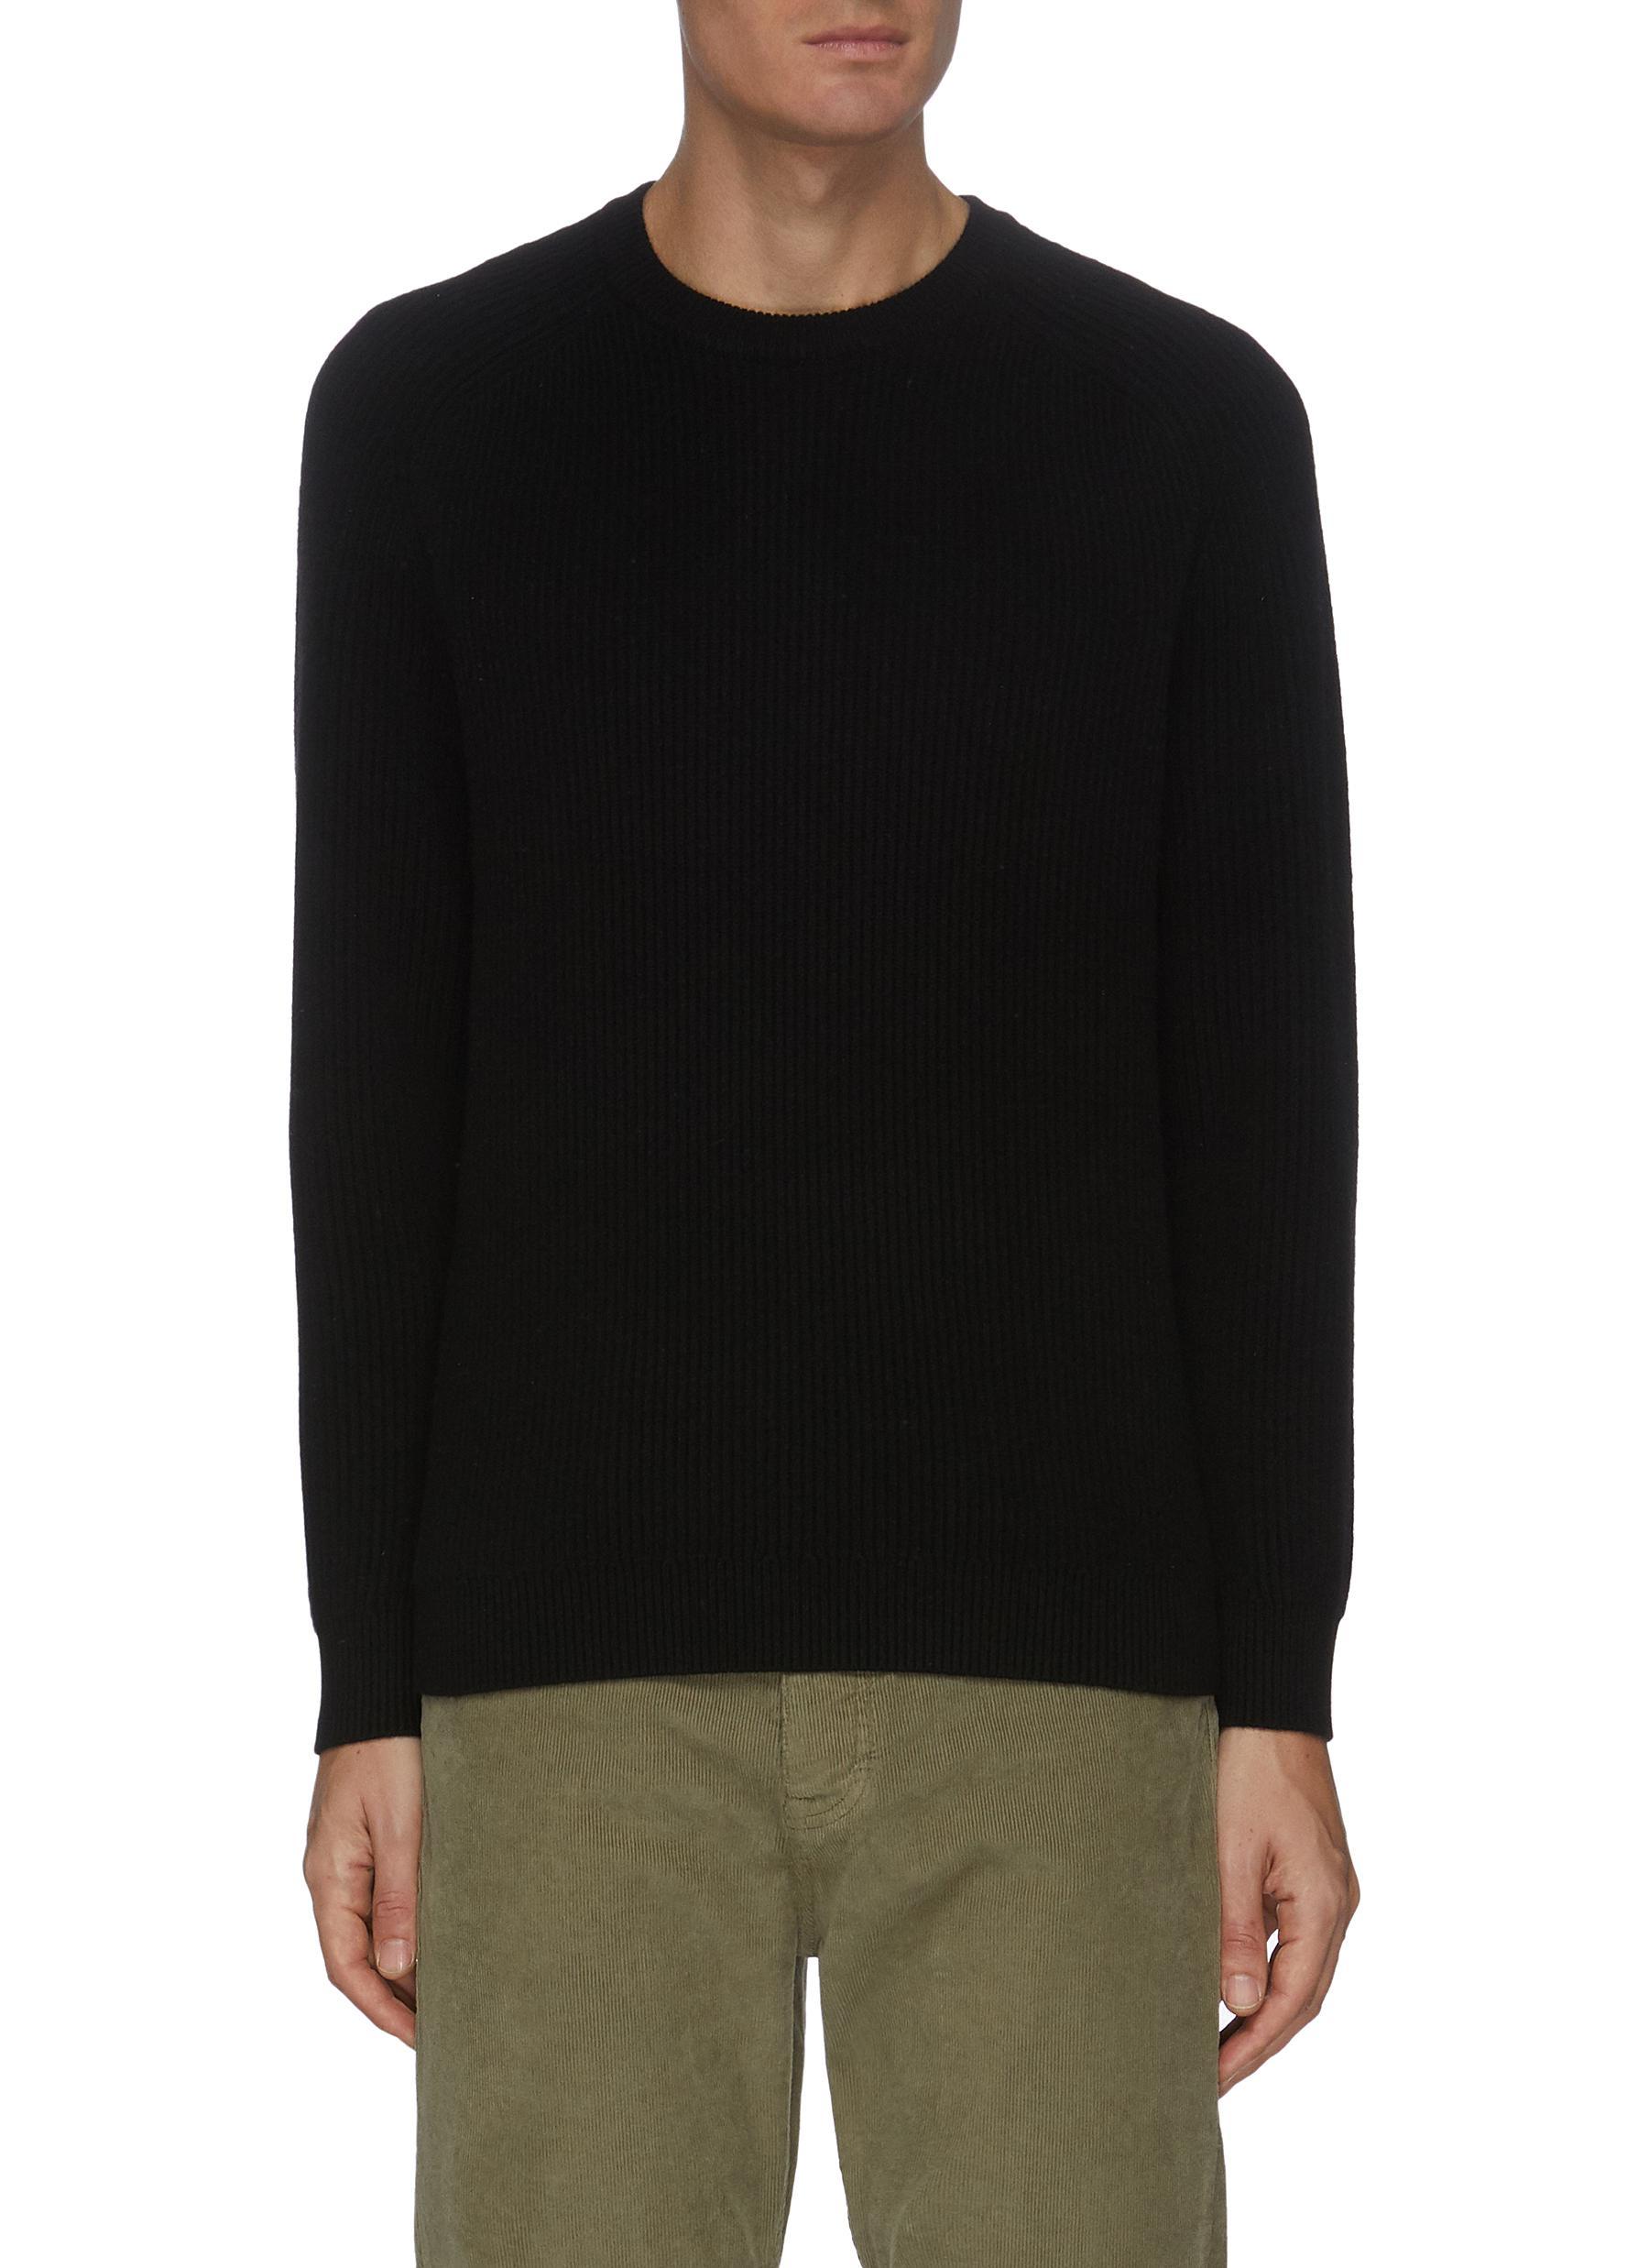 Rib knit cashmere sweater